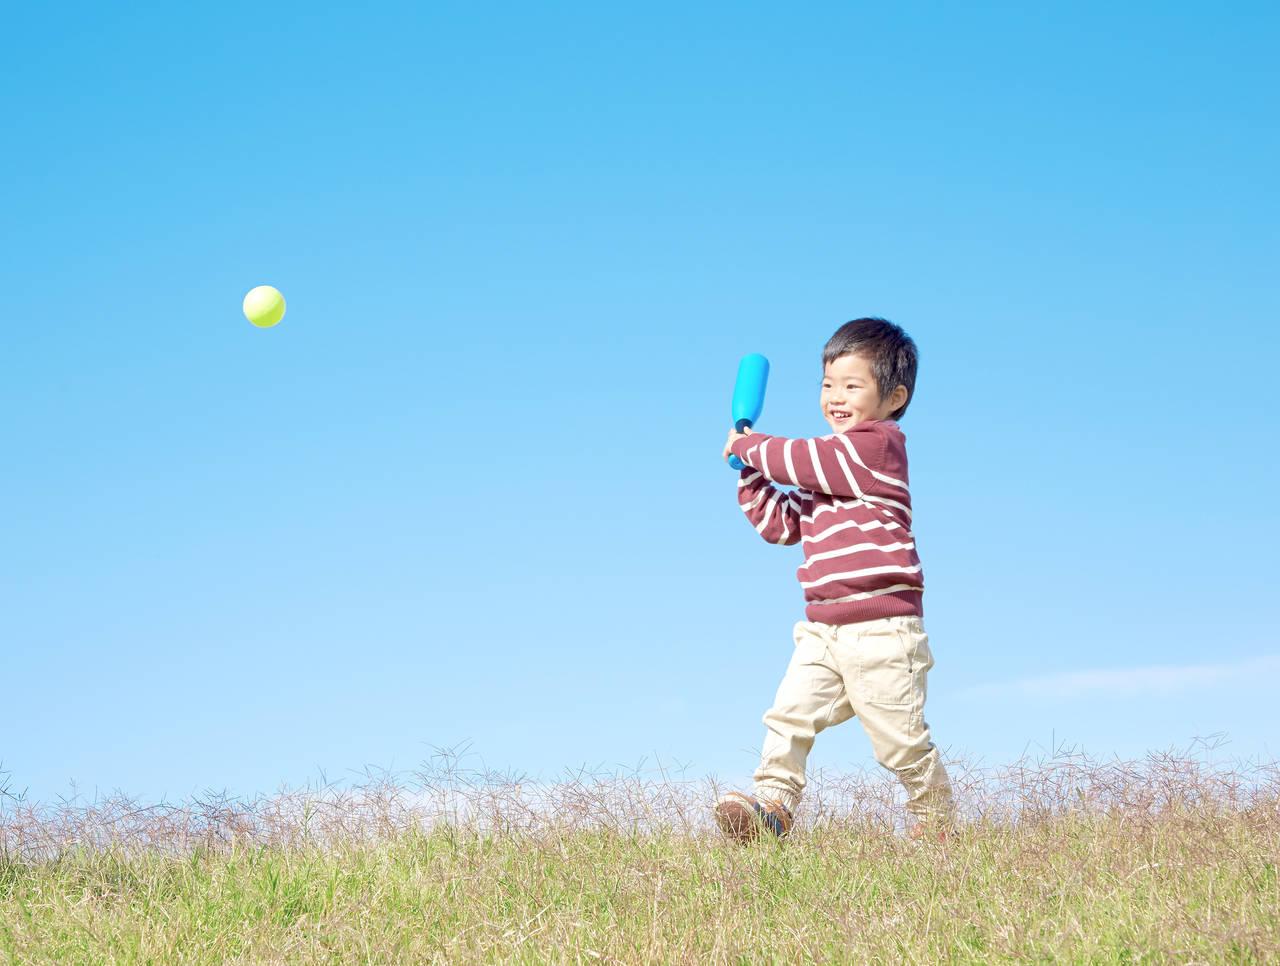 スポーツが子どもに与える影響って何?スポーツが子どもによい理由